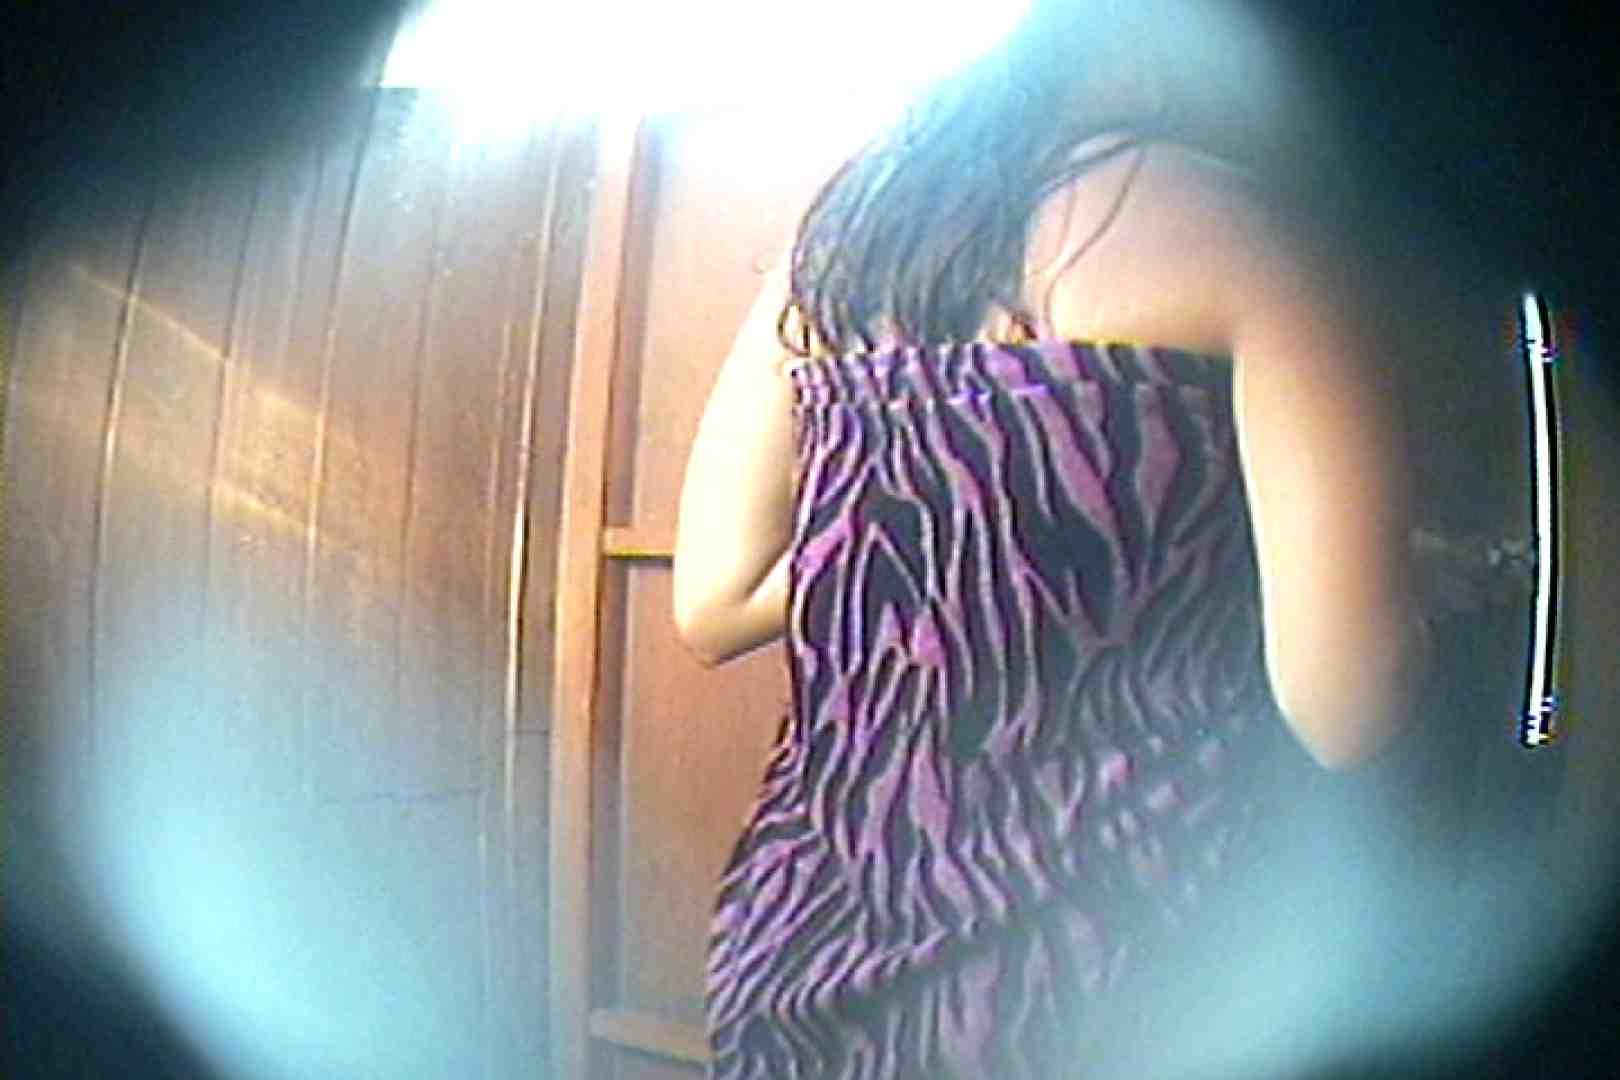 海の家の更衣室 Vol.60 シャワー AV無料動画キャプチャ 90画像 26